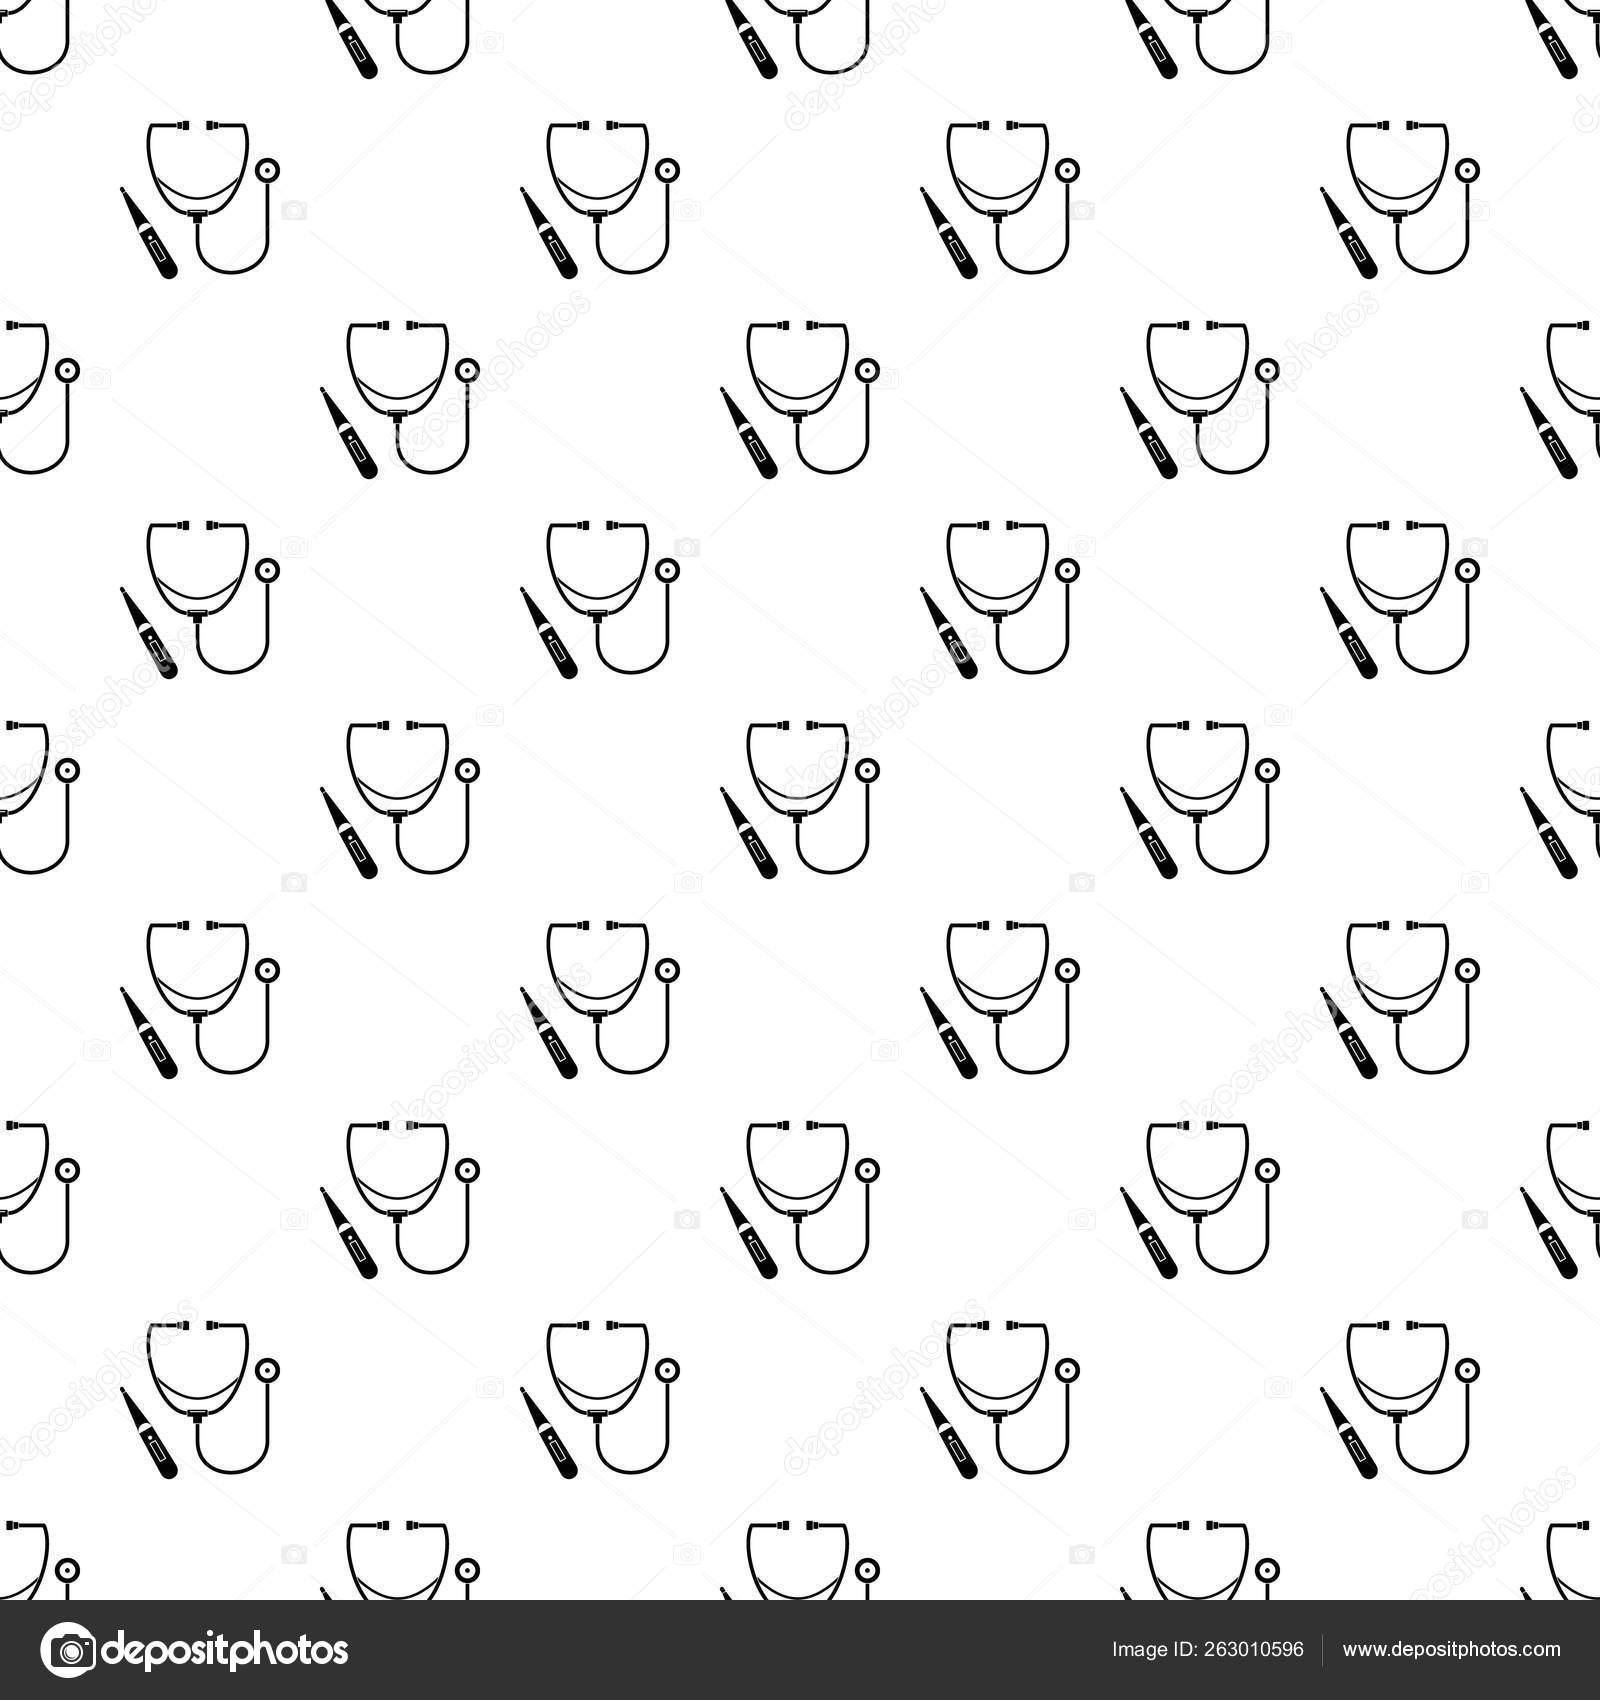 Estetoscopio Patron De Termometro Sin Costura Vector Vector De Stock C Anatolir 263010596 Moto g6 play fundas con diseño. https sp depositphotos com 263010596 stock illustration stethoscope thermometer pattern seamless vector html